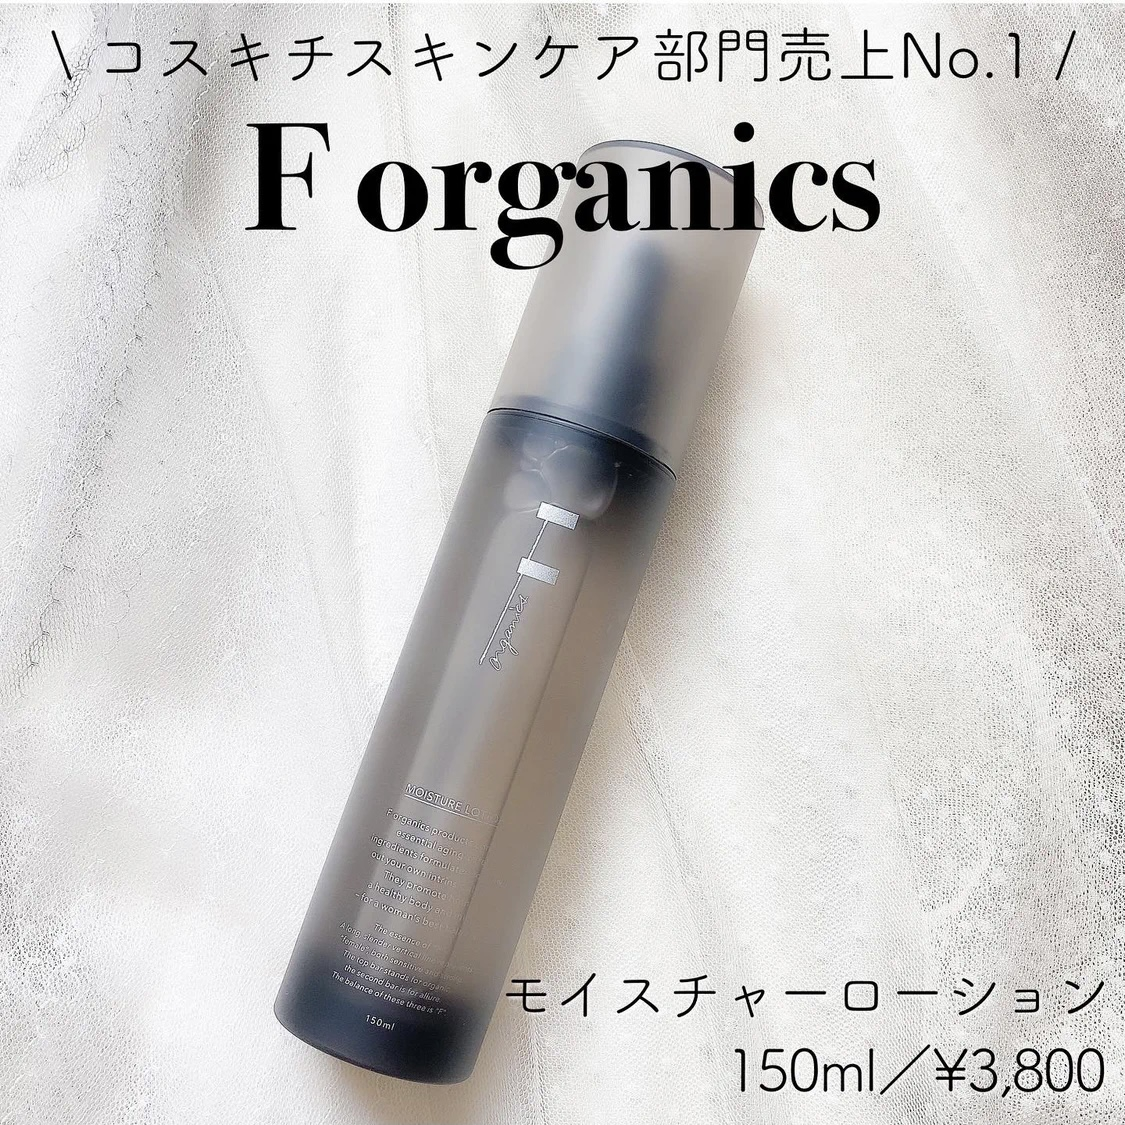 F organics(エッフェオーガニック) モイスチャーローションを使った只野ひとみさんのクチコミ画像1